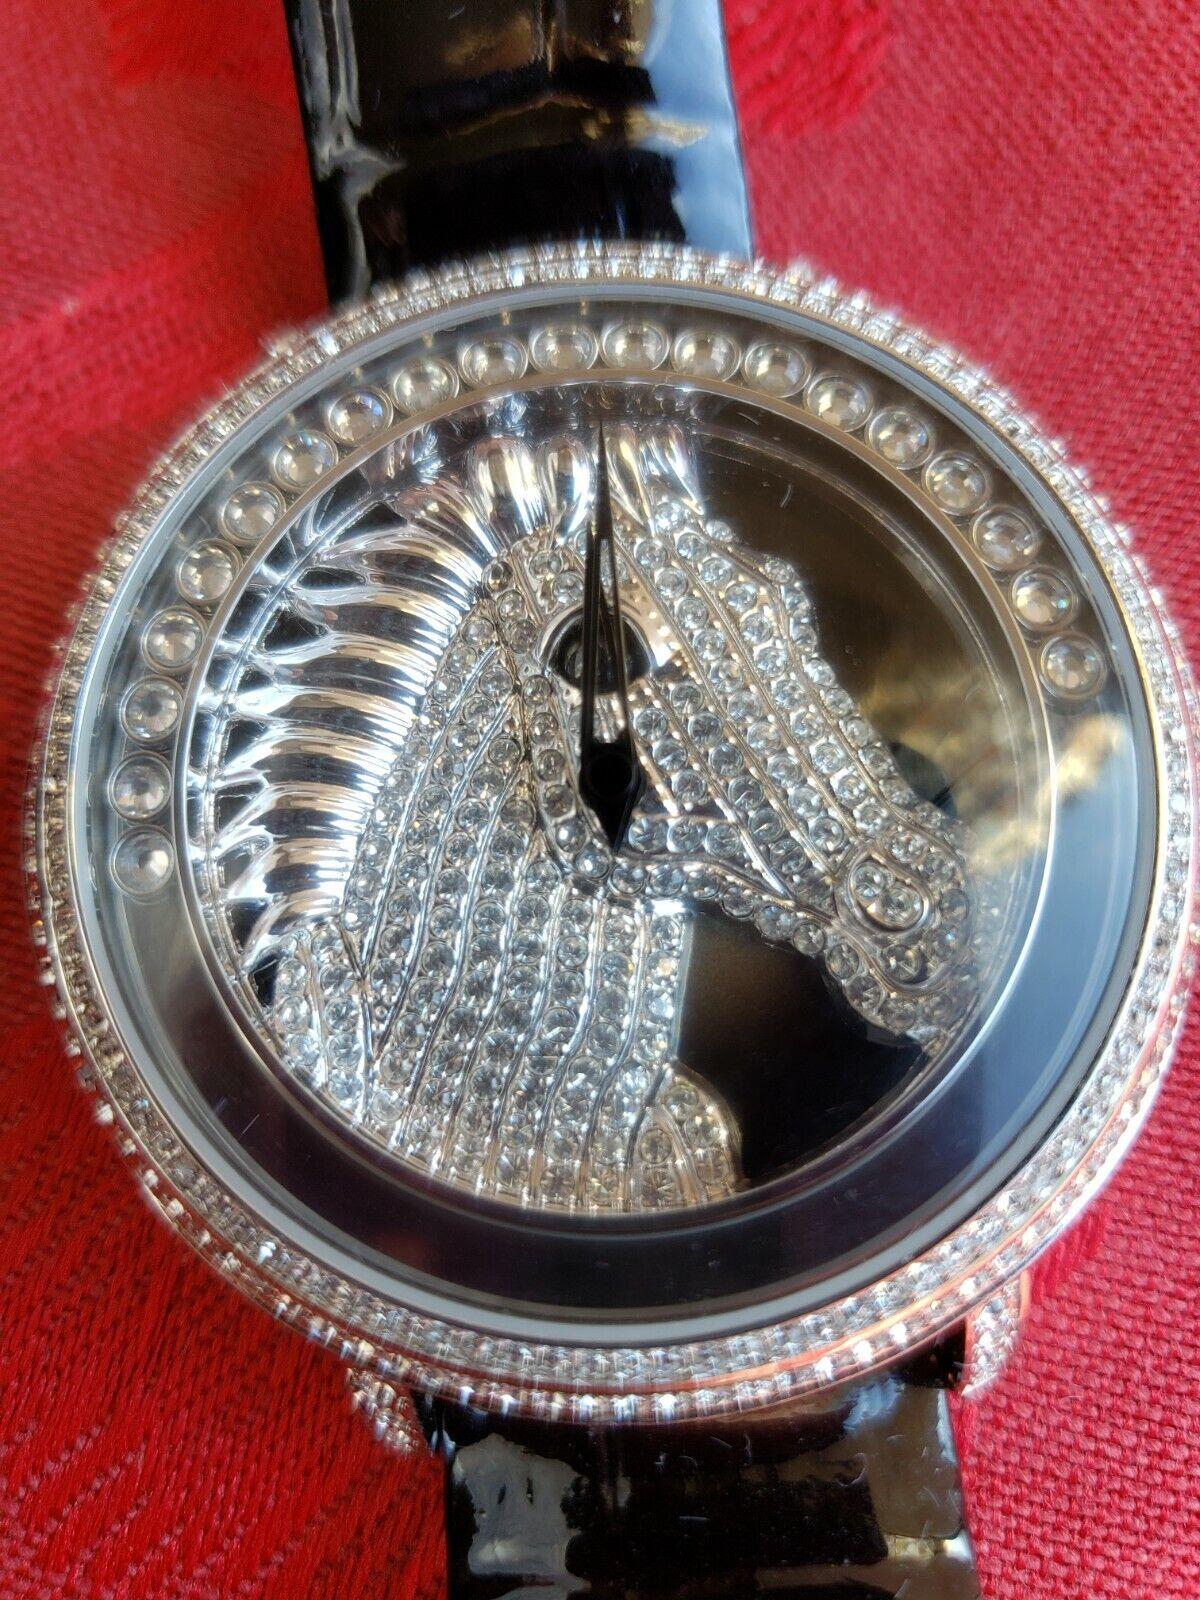 ,B.B Simon Swarovski Cristal Reloj De Cabeza De Caballo, Nuevo En Caja, tamaño 40mm